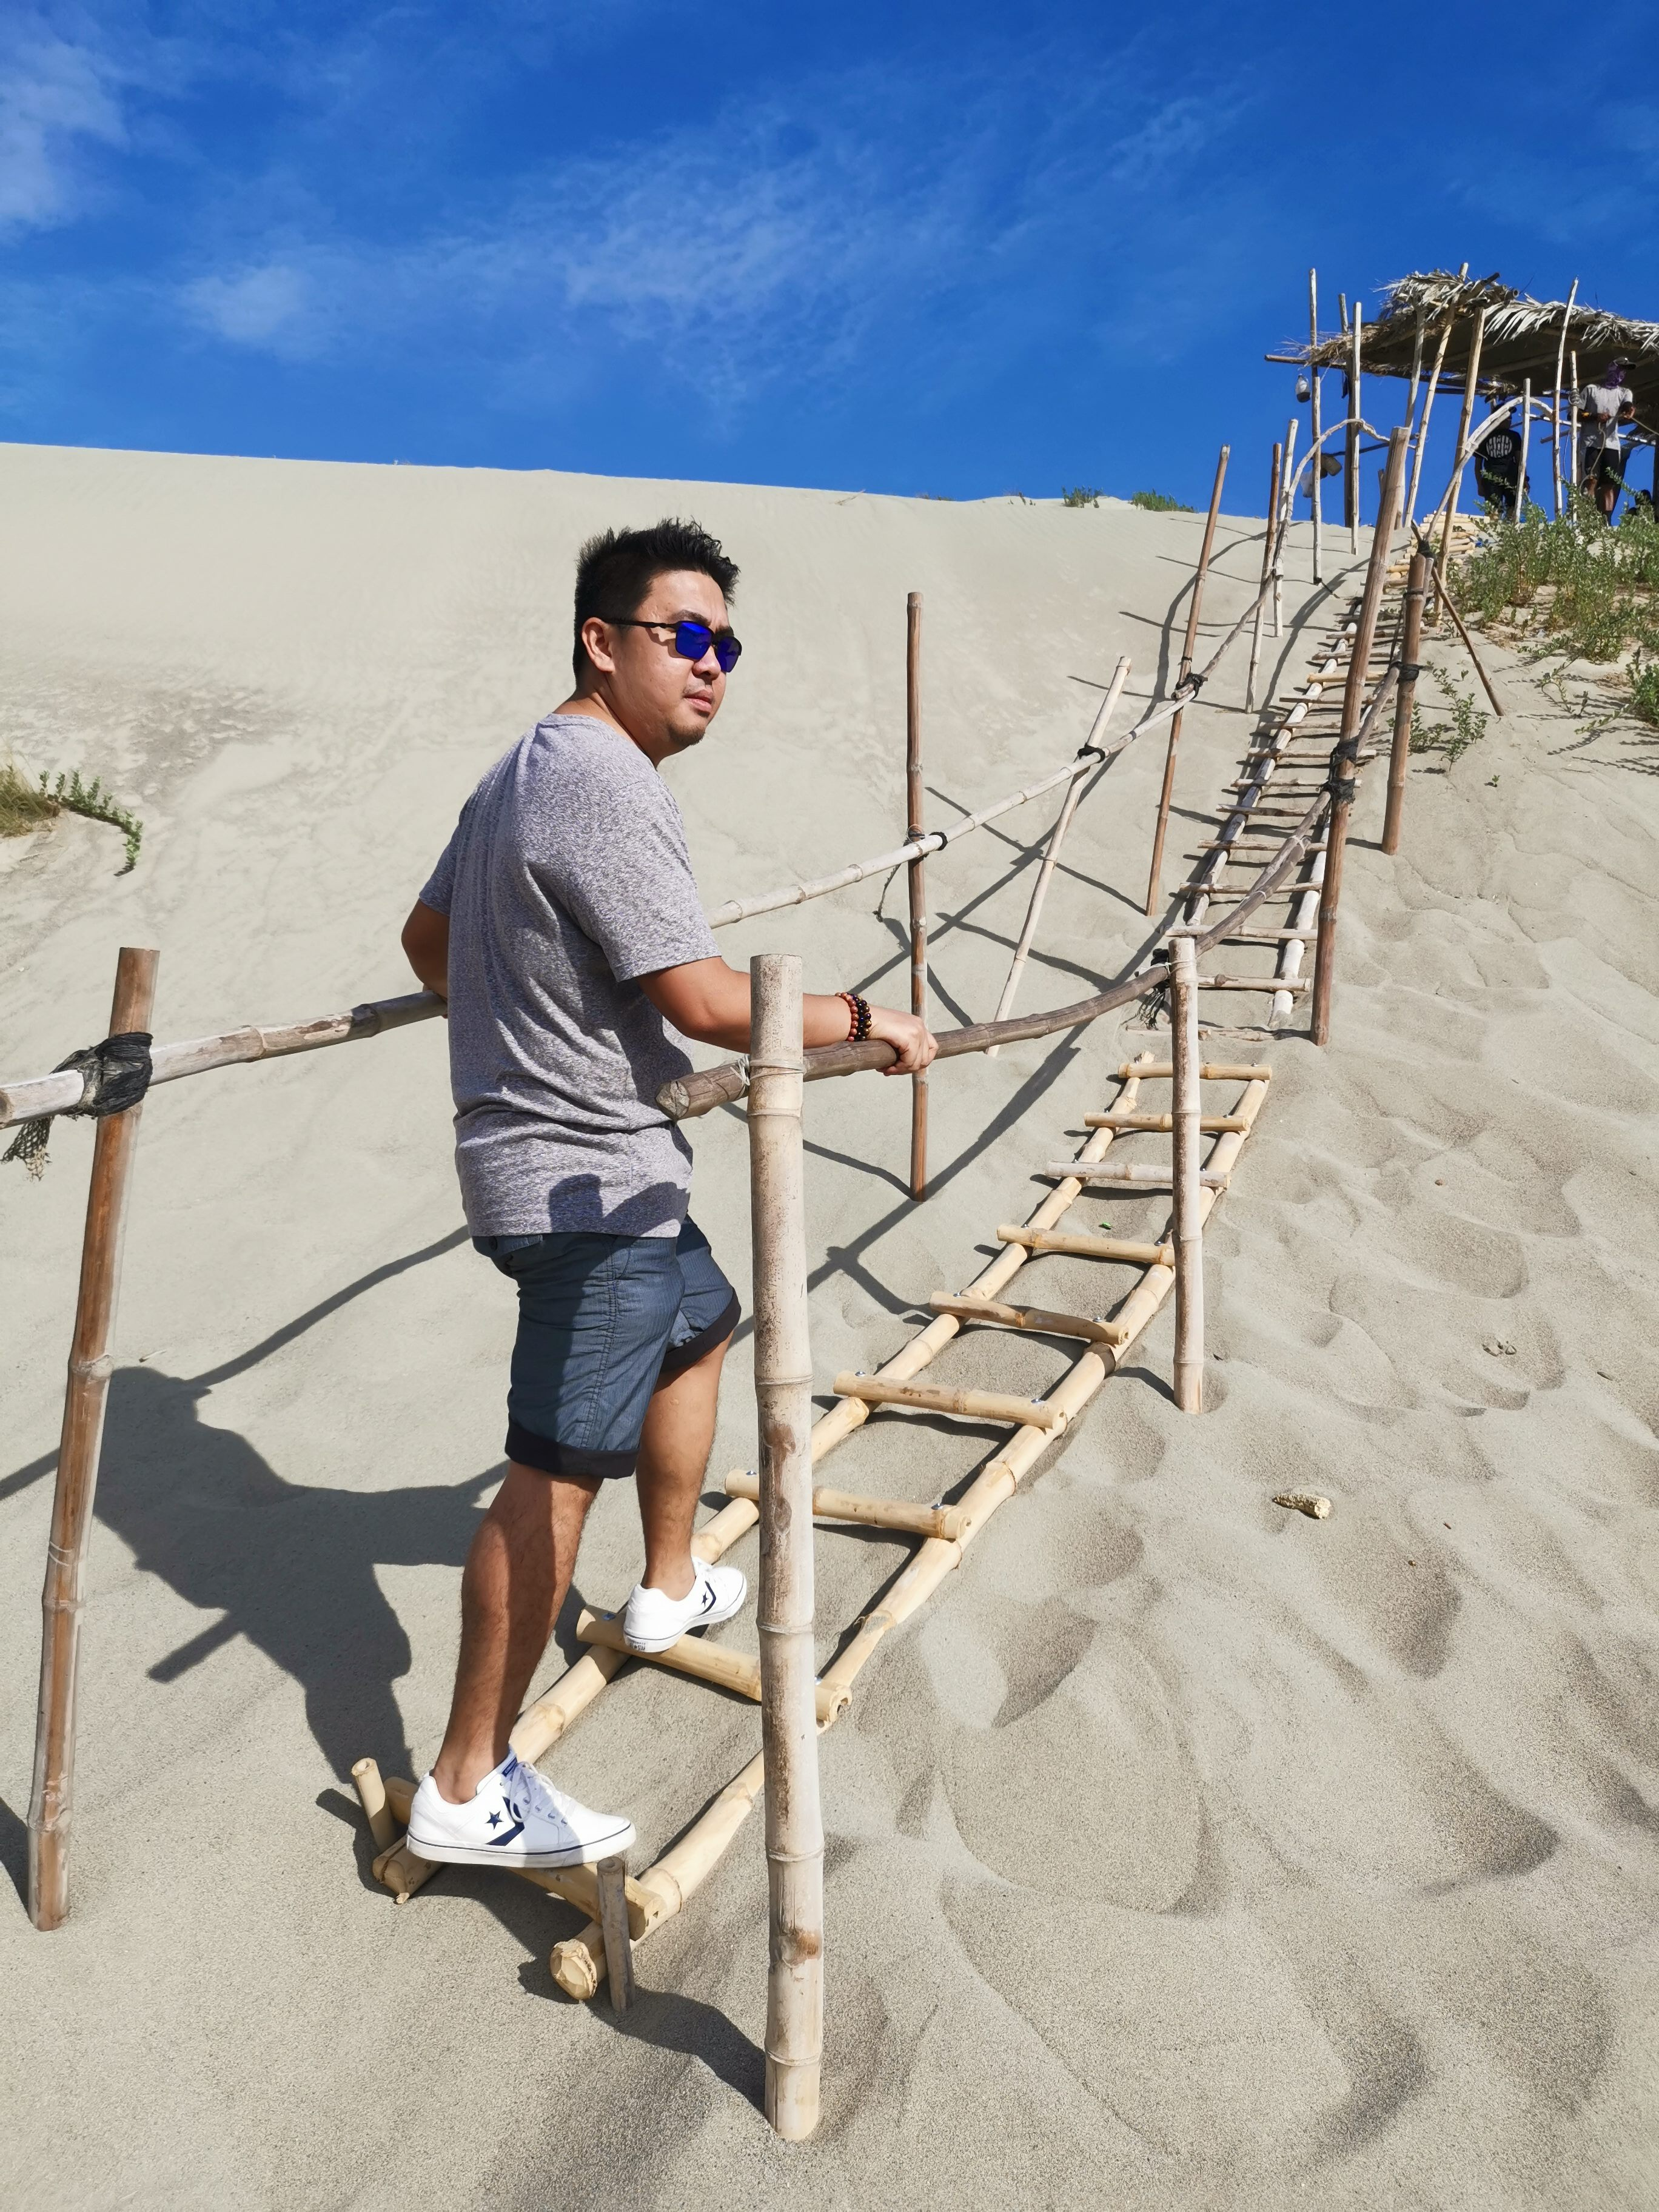 paoay-sand-dunes-ilocos-norte (11)